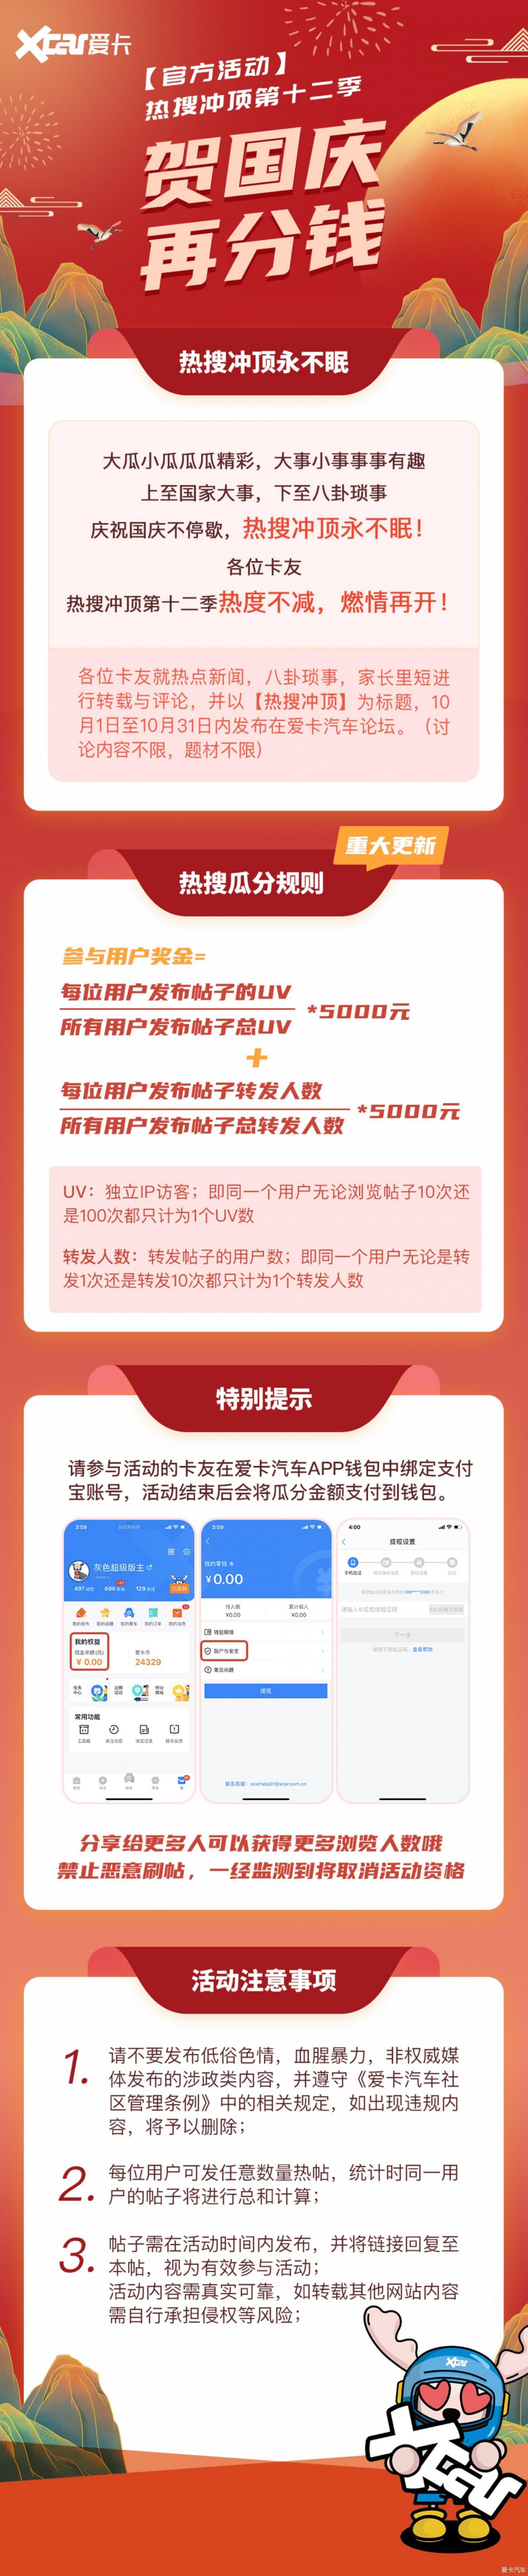 【官方活动】热搜冲顶十二季 贺国庆 再分钱